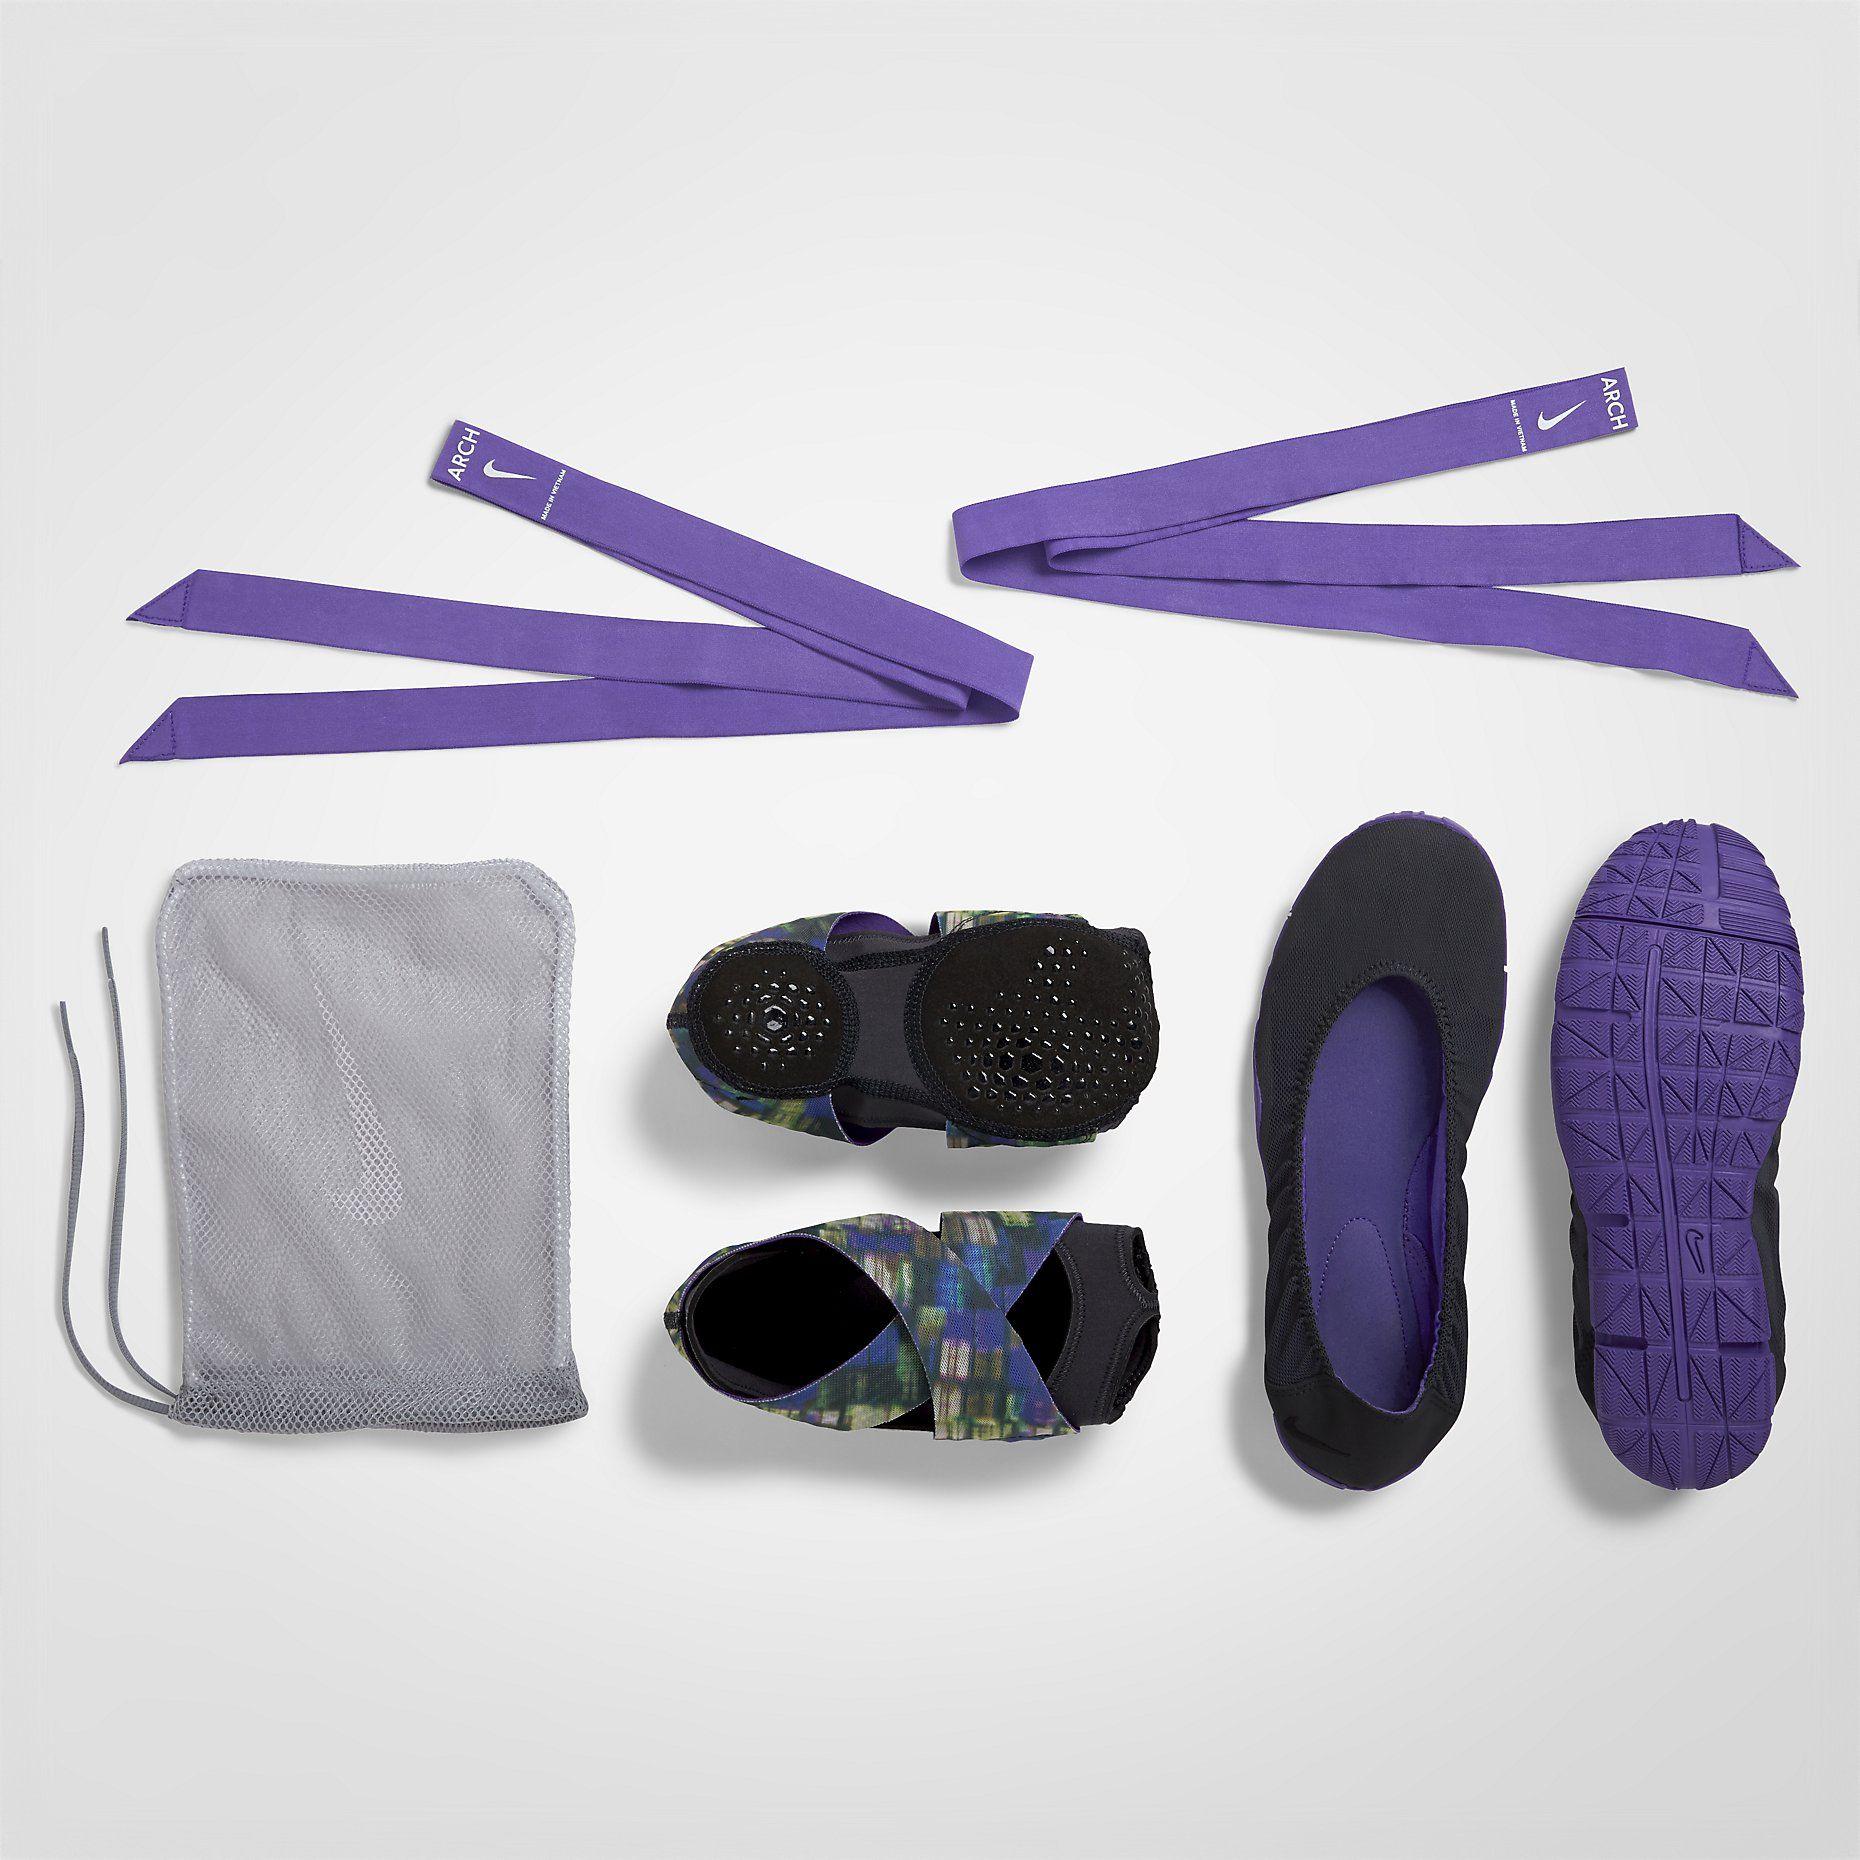 e6b40e1e643 Nike Studio Wrap Pack 2 Print. Nike Store